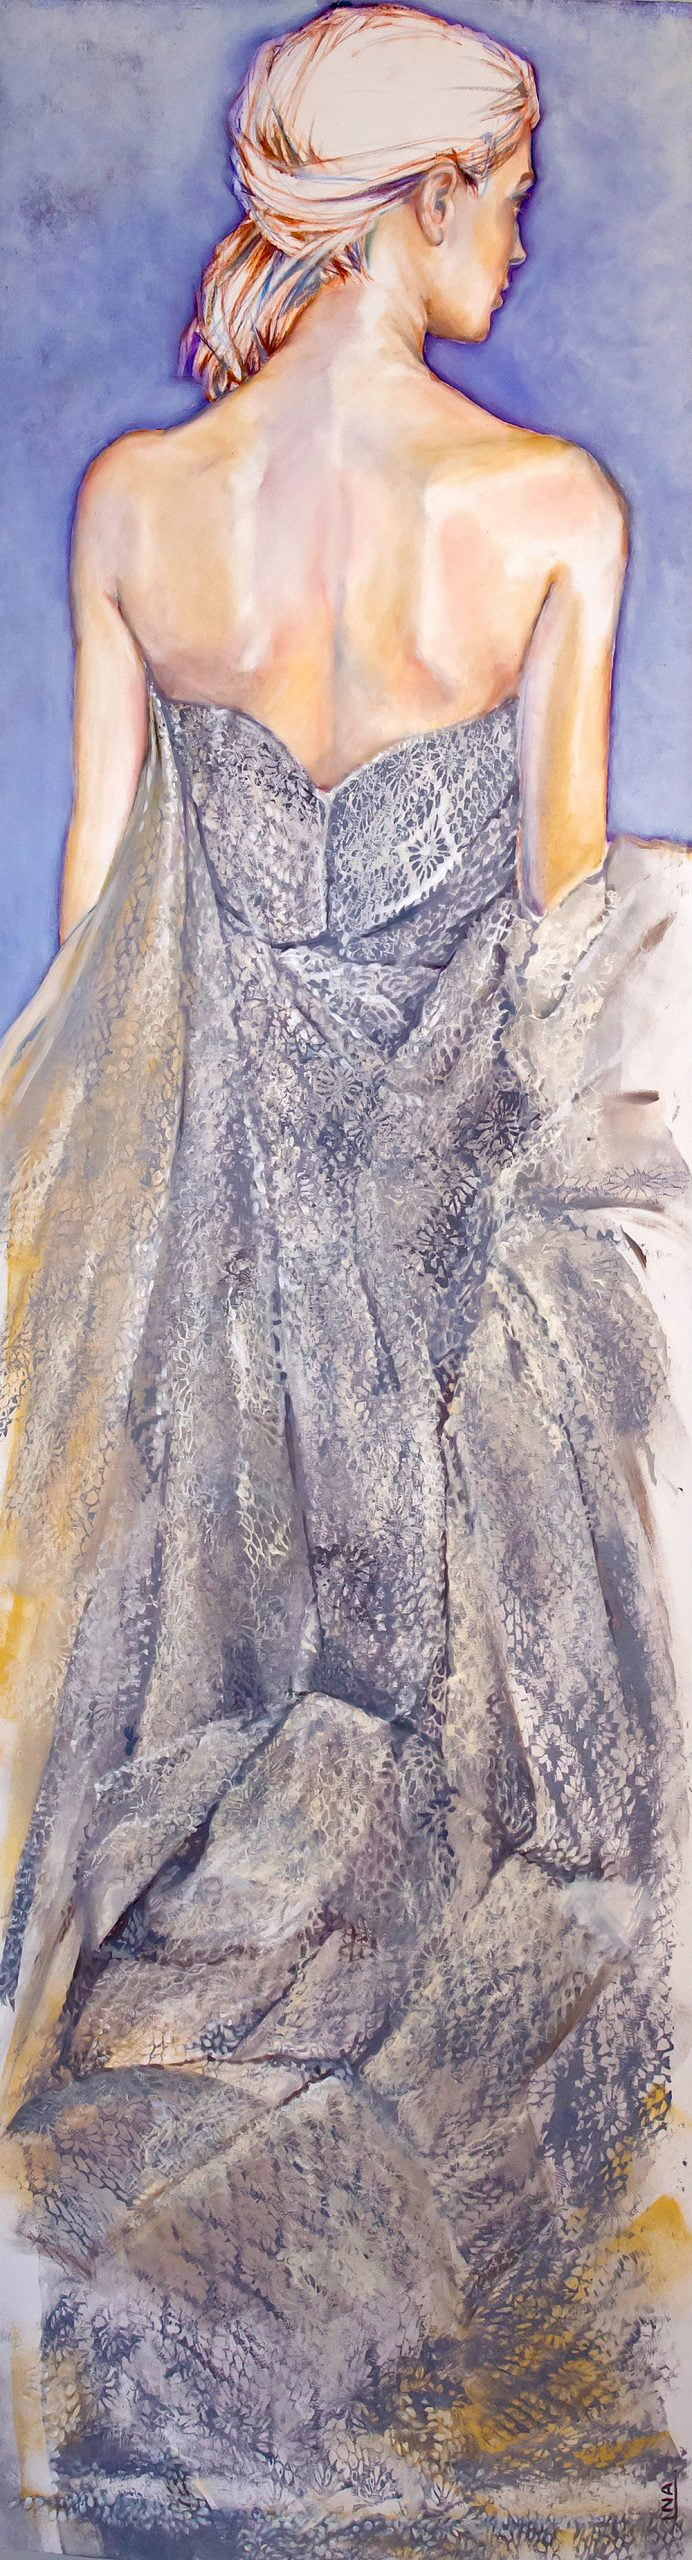 Nanou Autin, Peinture, Suzanne, Acrylique, pastels, crayon sur toile marouflée, support bois cintré (piétement tubulaire acier ou platine accroche murale), 60×220 cm – 2016